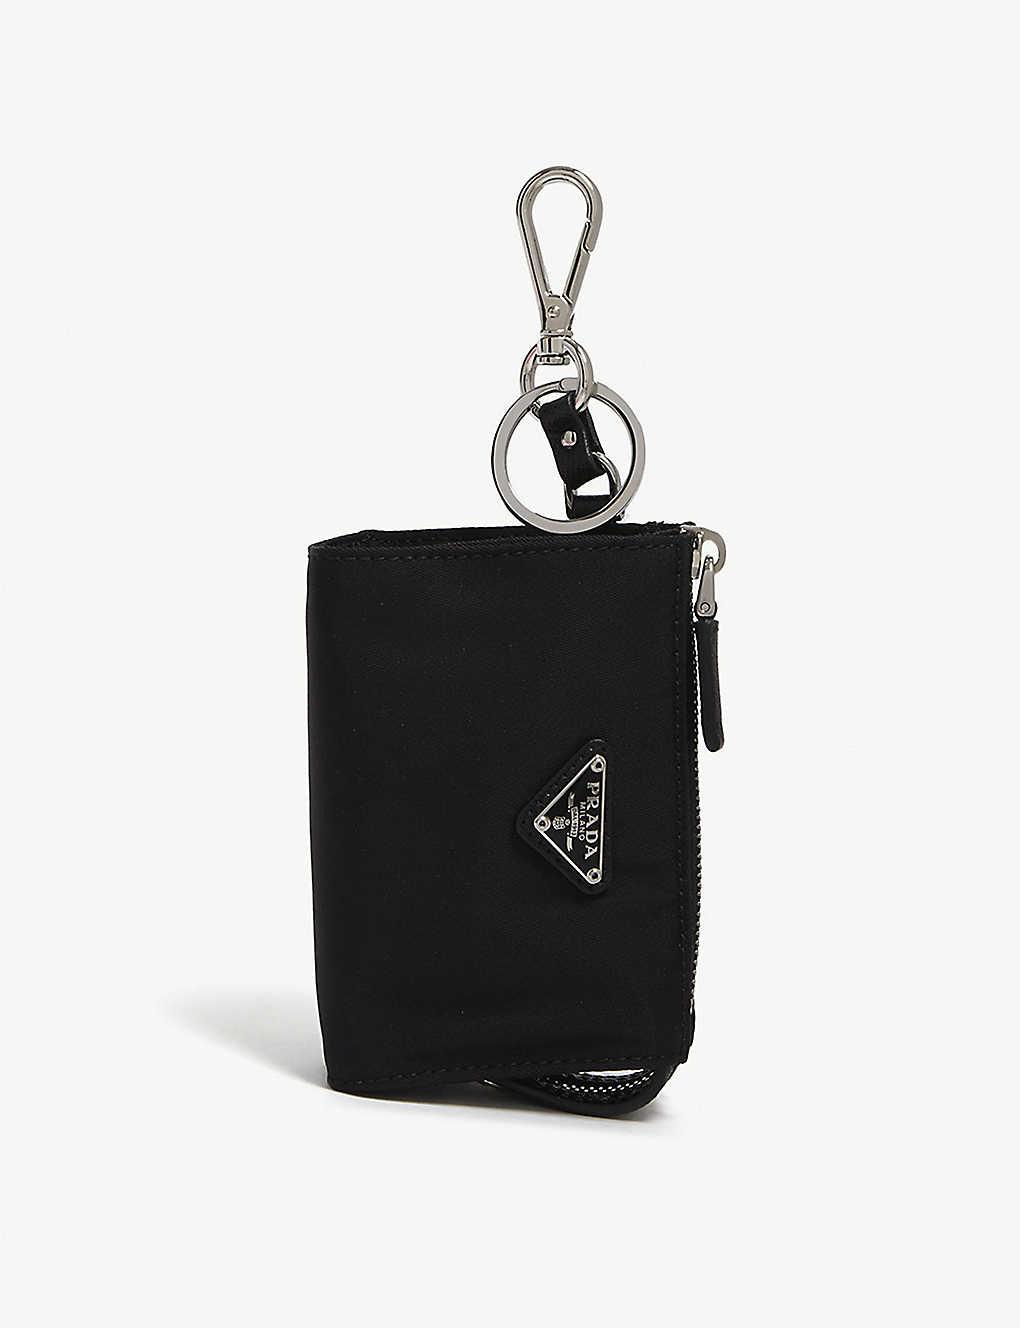 7e53ec3821d2 PRADA - Mini nylon pouch keyring | Selfridges.com